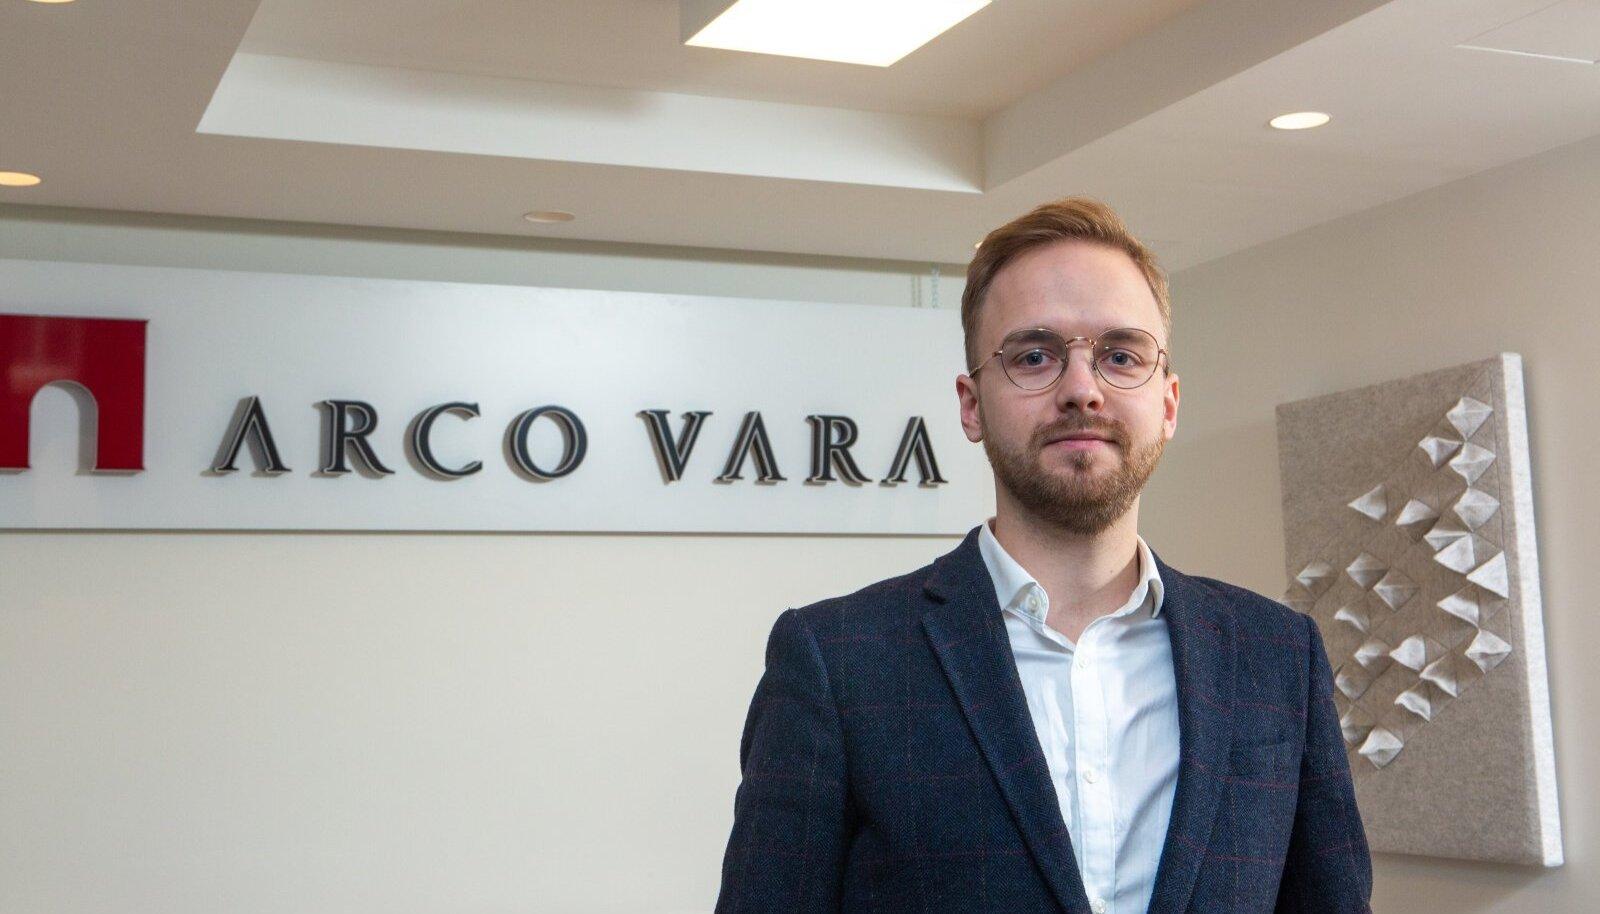 2020. aastal Arco Vara juhi ametisse asunud Miko-Ove Niinemäe (fotol) on investor Madis Müüri sõnul suutnud lühikese aja jooksul edukalt eesmärke täita ja on tugev nii ehituse, arenduse kui ka arvude vallas, mis lisab investeerimiseks kindlust.